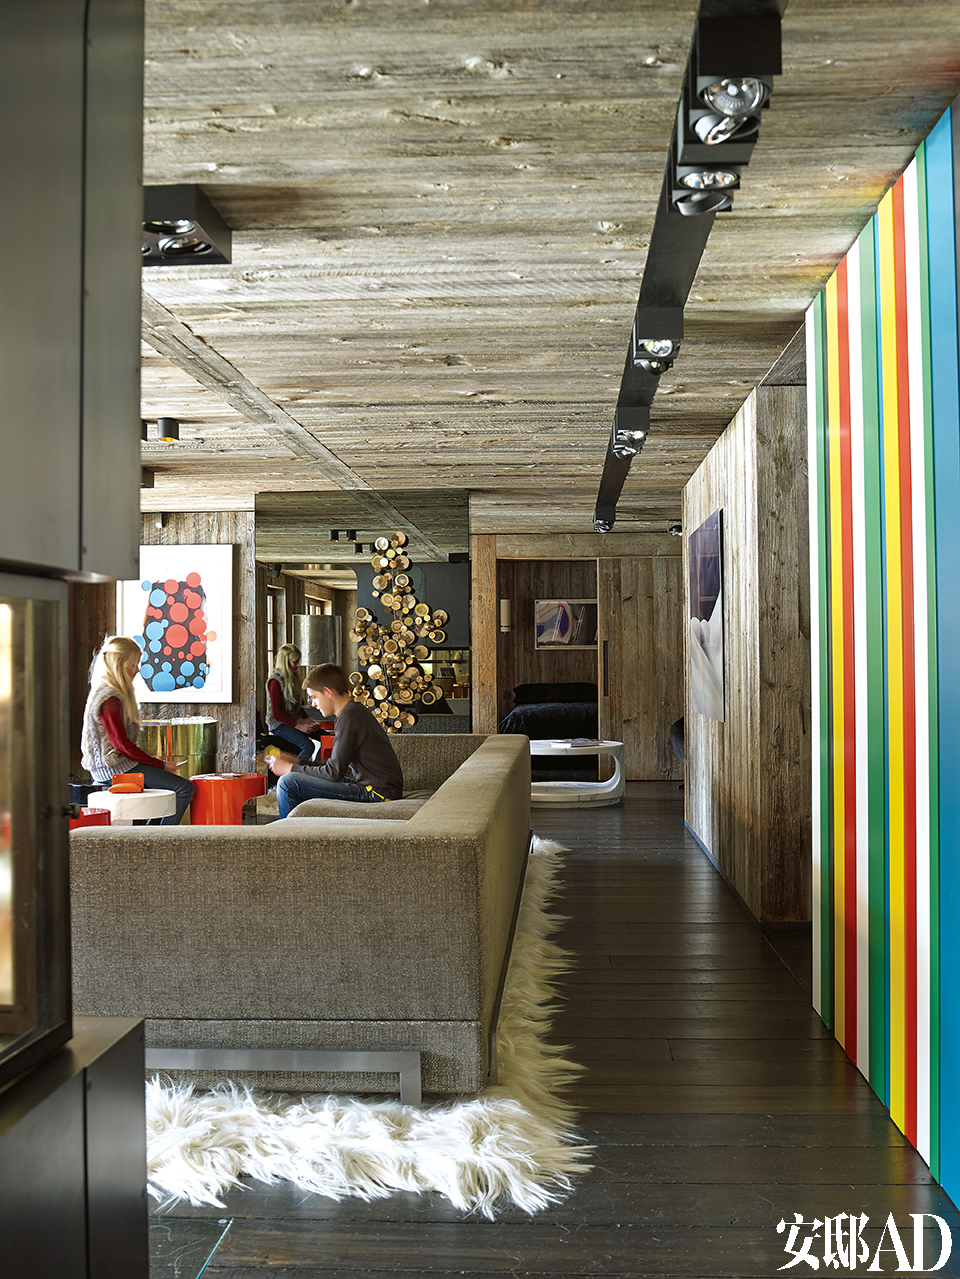 客厅中宽大的沙发是设计师Thierry Lemaire为这个空间特别定制的,漆面茶几也是Thierry的设计。木墙上油画的作者是José Pedro Croft,一旁在形状上与其相呼应的镜面艺术品由Curtis Gere创作,天花板照明装置使用了Modular。